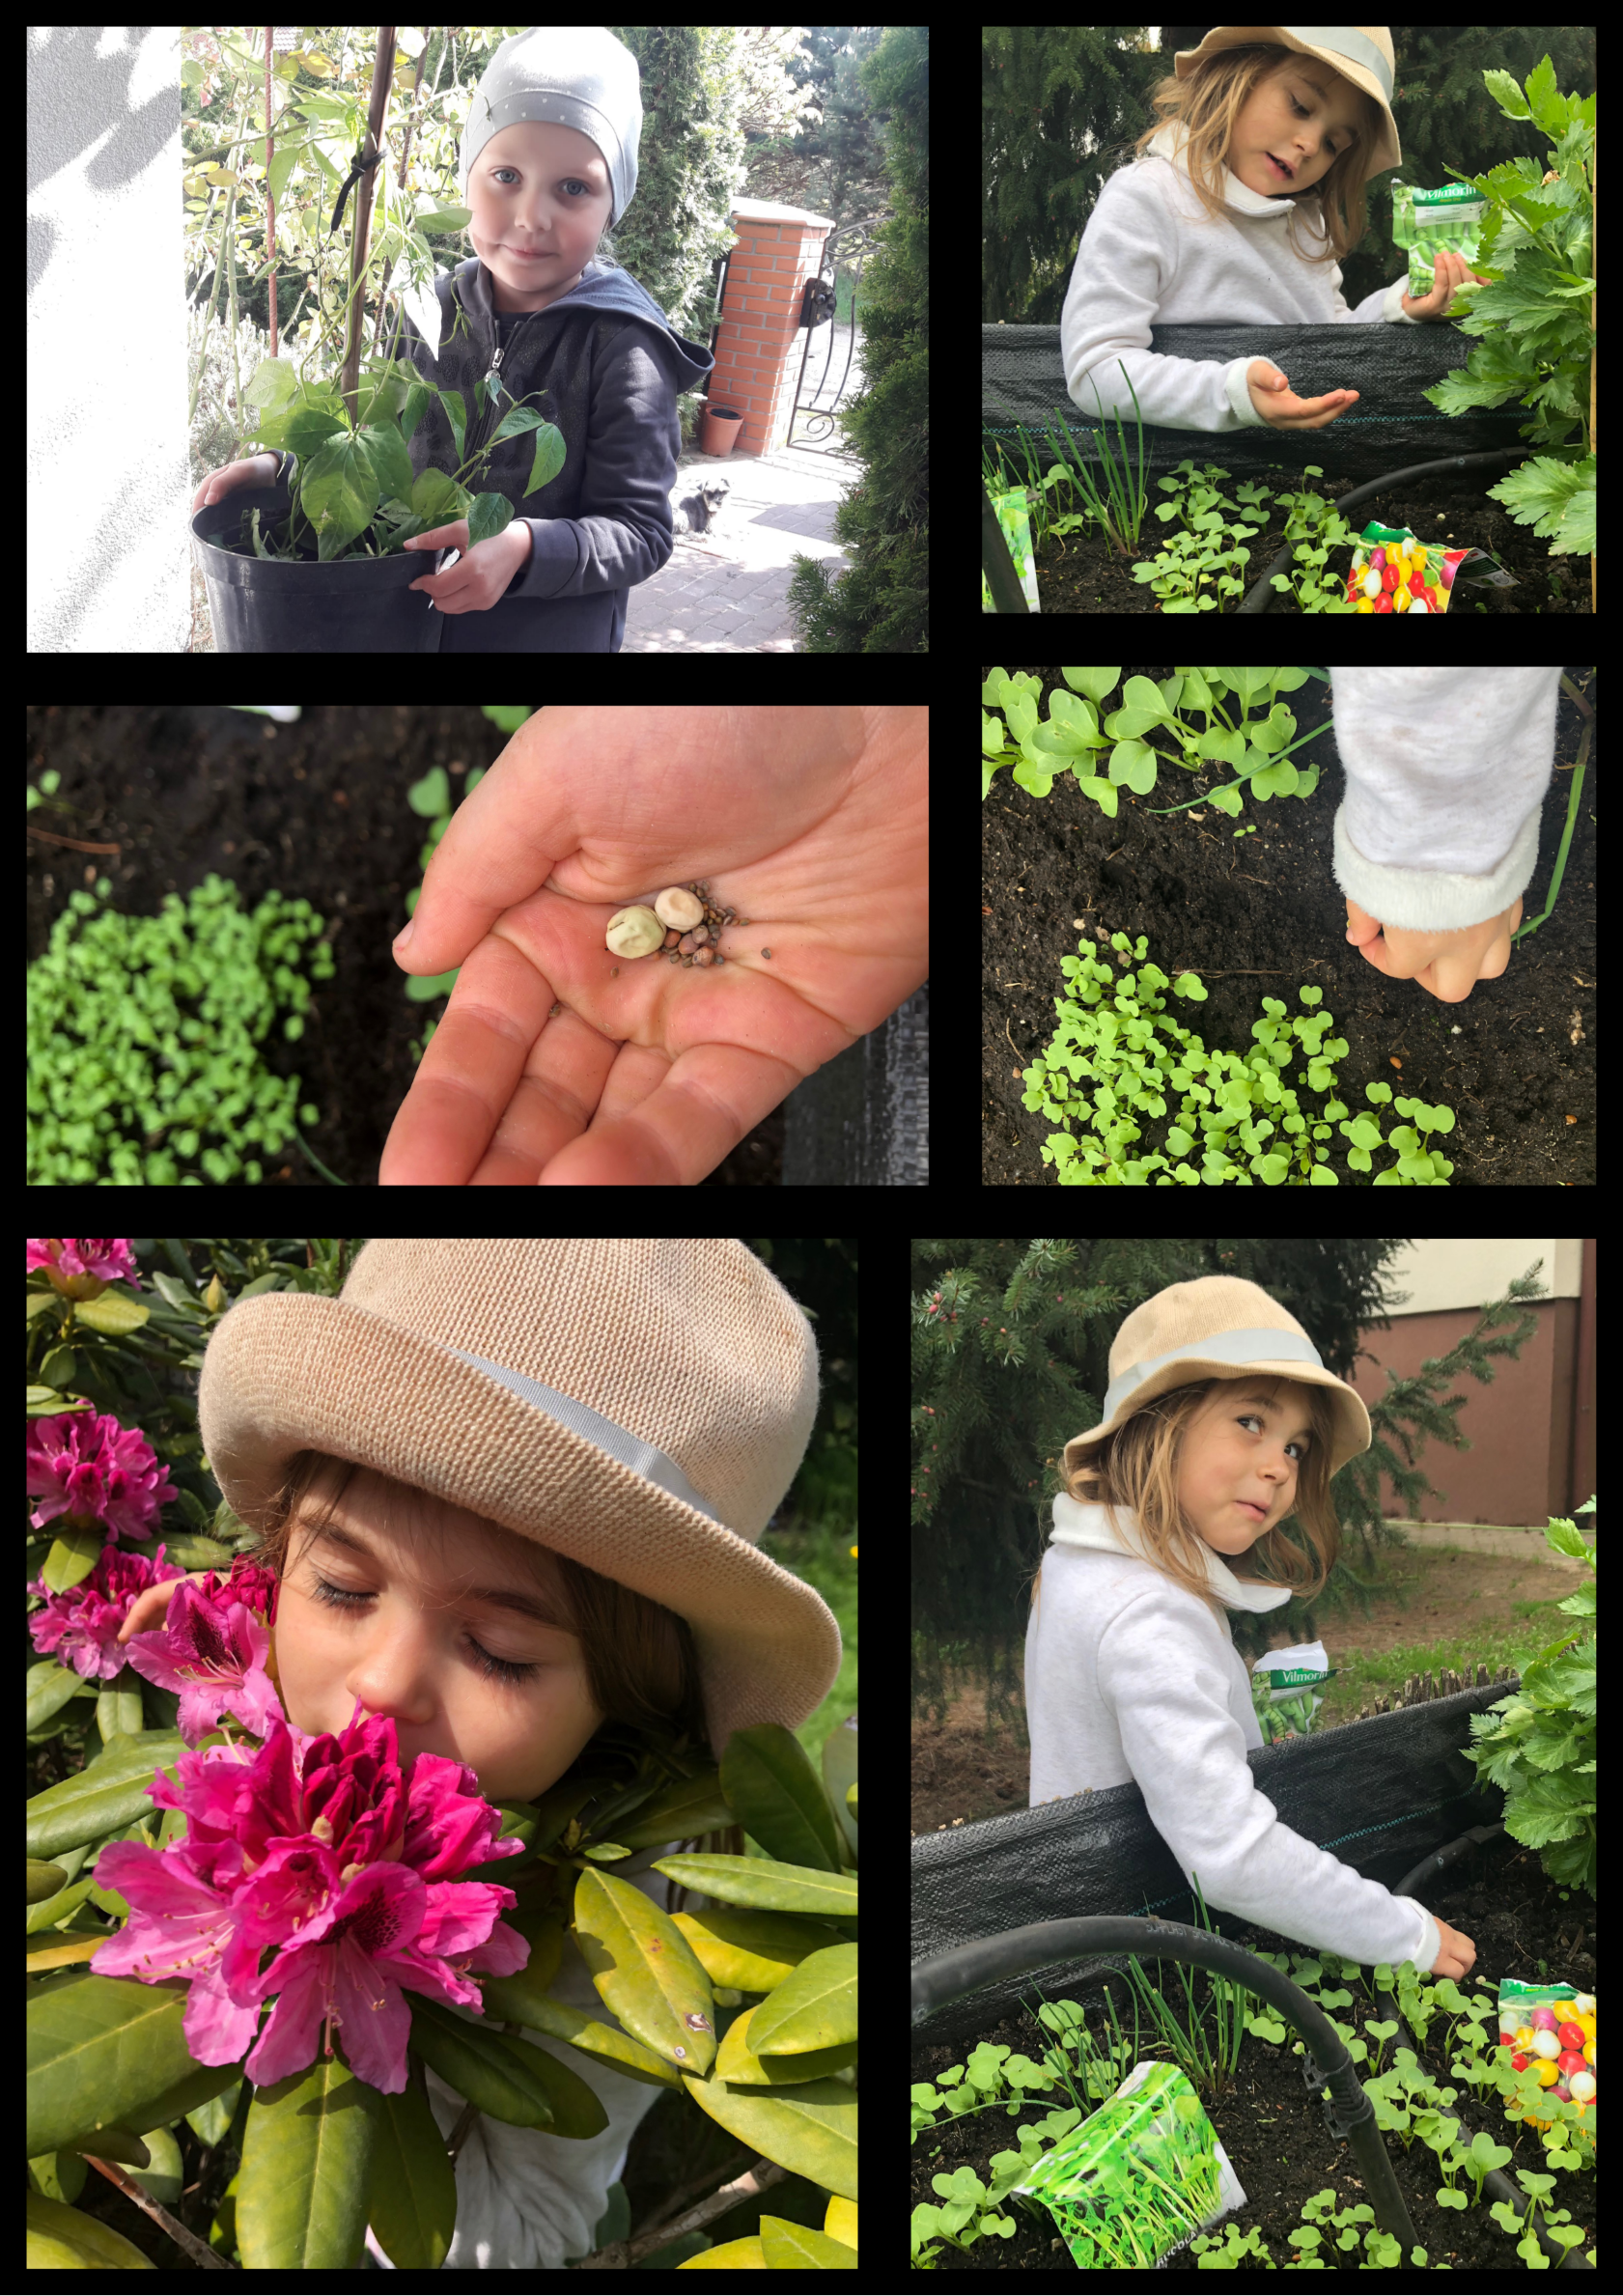 Na kolażu 6 zdjęć dziewczynki w ogrodzie. Sieje warzywa i wącha kwiaty.